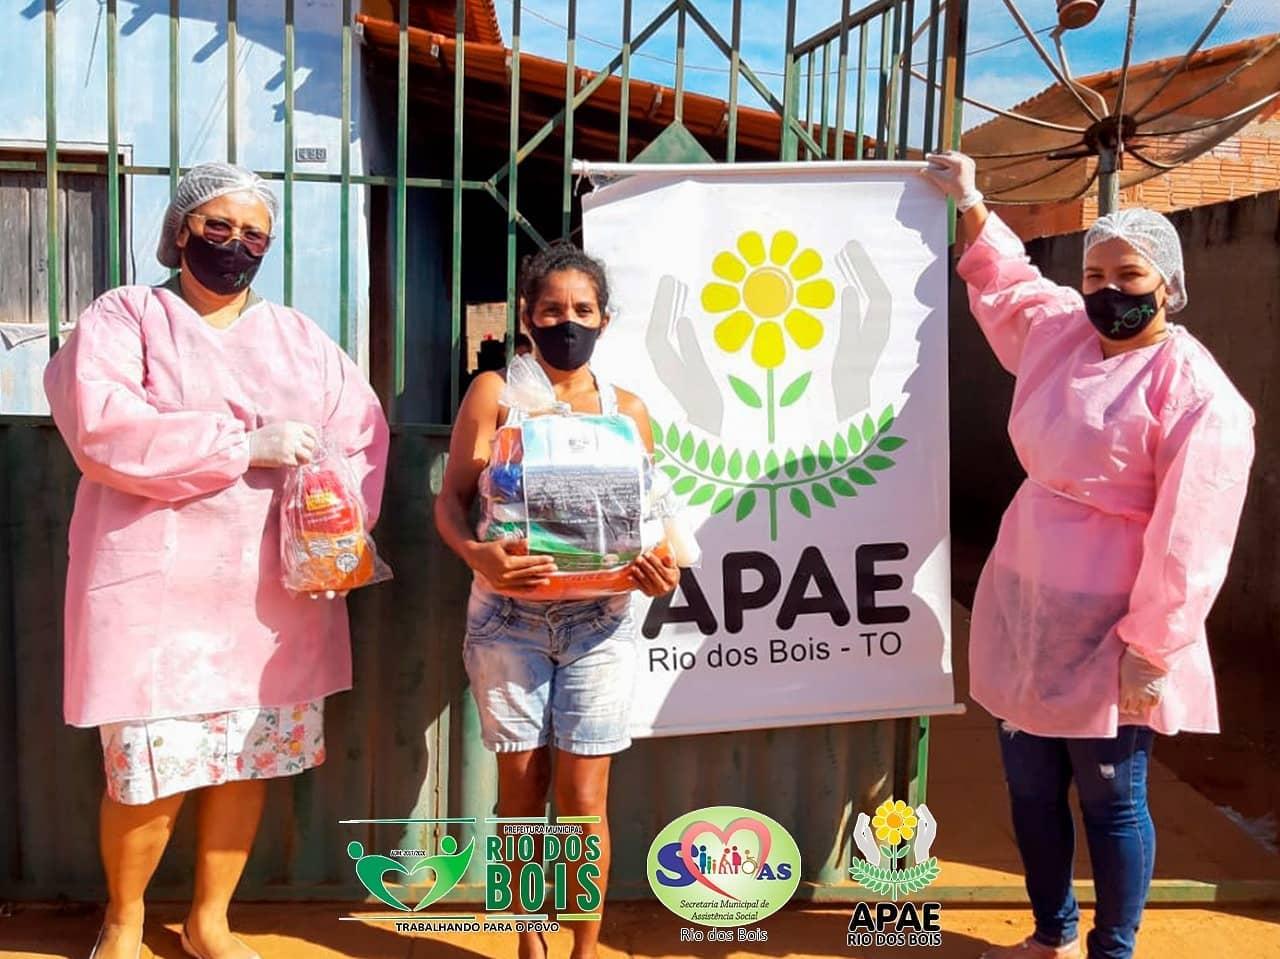 Assistência Social de Rio dos Bois faz entrega de alimentos para famílias de alunos da Apae